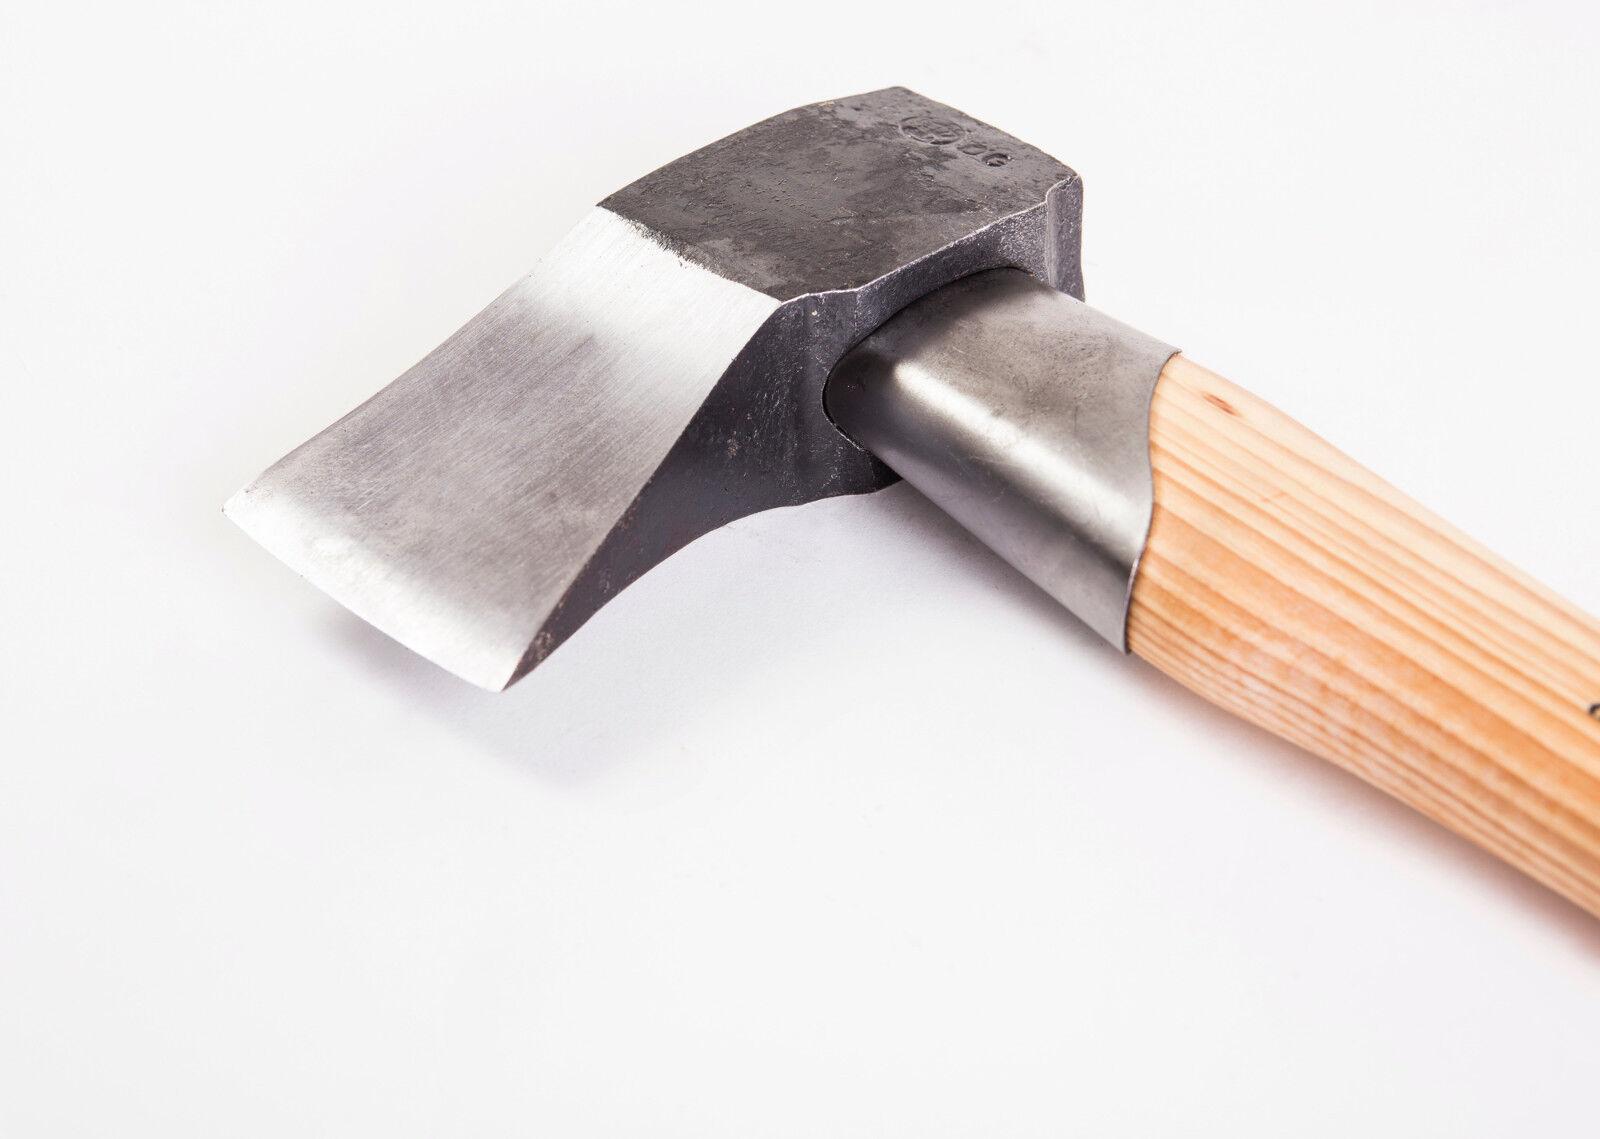 Gränsfors Bruks Bruks Bruks Spaltaxt - groß 2500 g Brennholz spalten aus Schweden NEU | Feine Verarbeitung  | Stabile Qualität  156ada